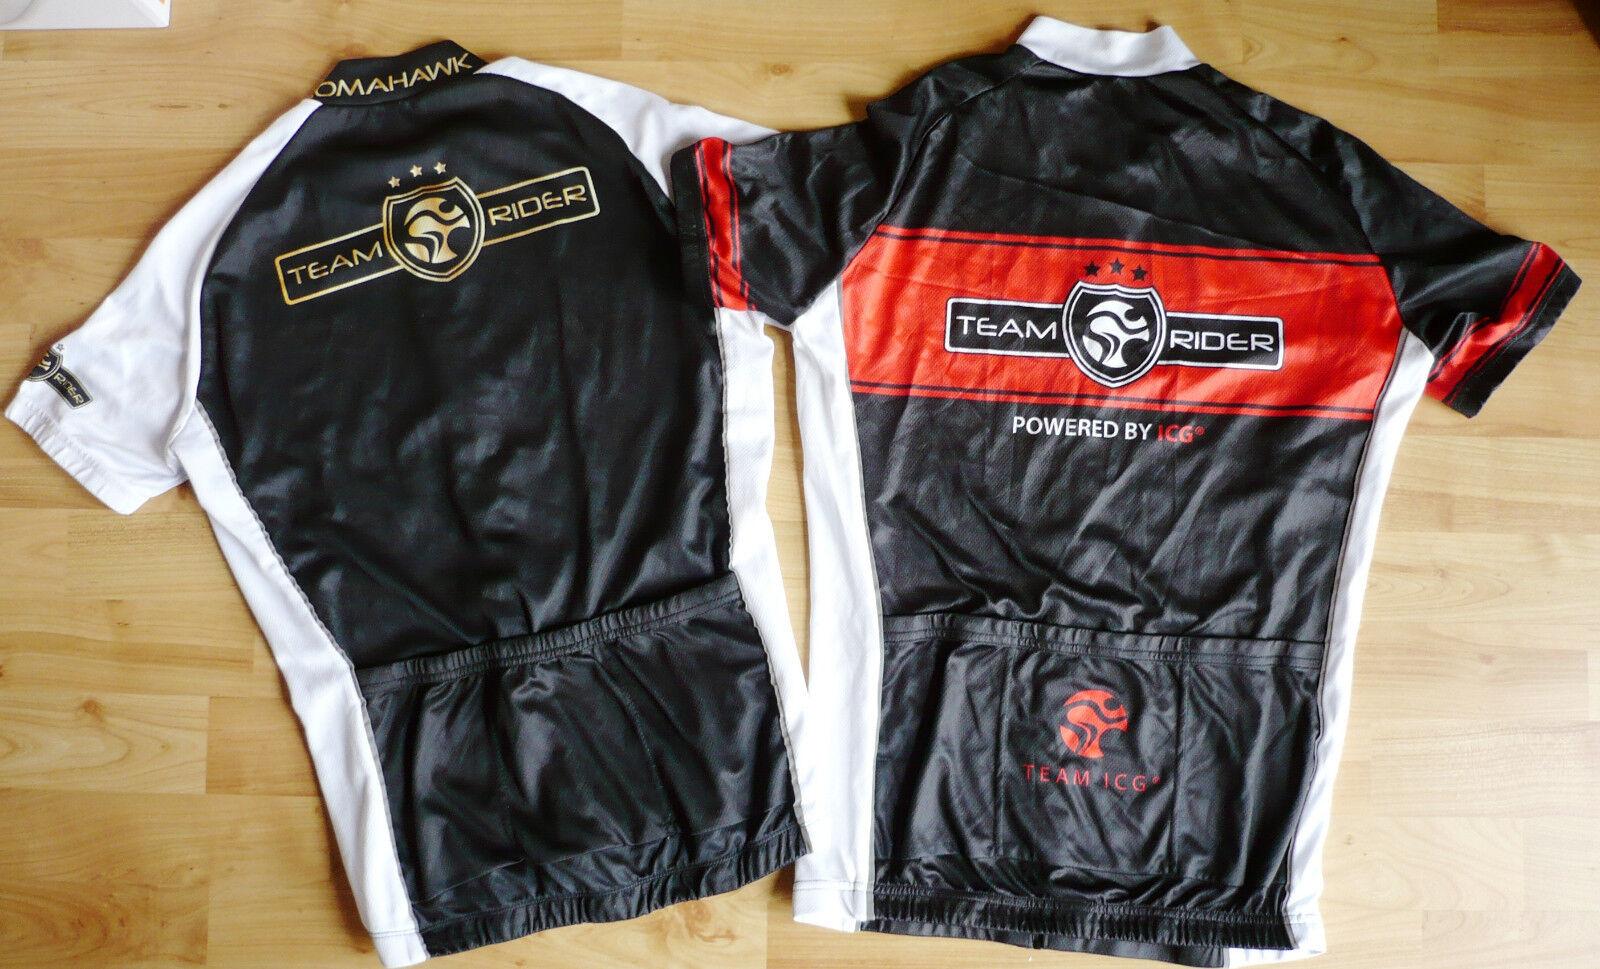 Zwei Radtrikots Neuwertige ICG TOMAHAWK Team Rider Radtrikots Zwei Größe M bdd218